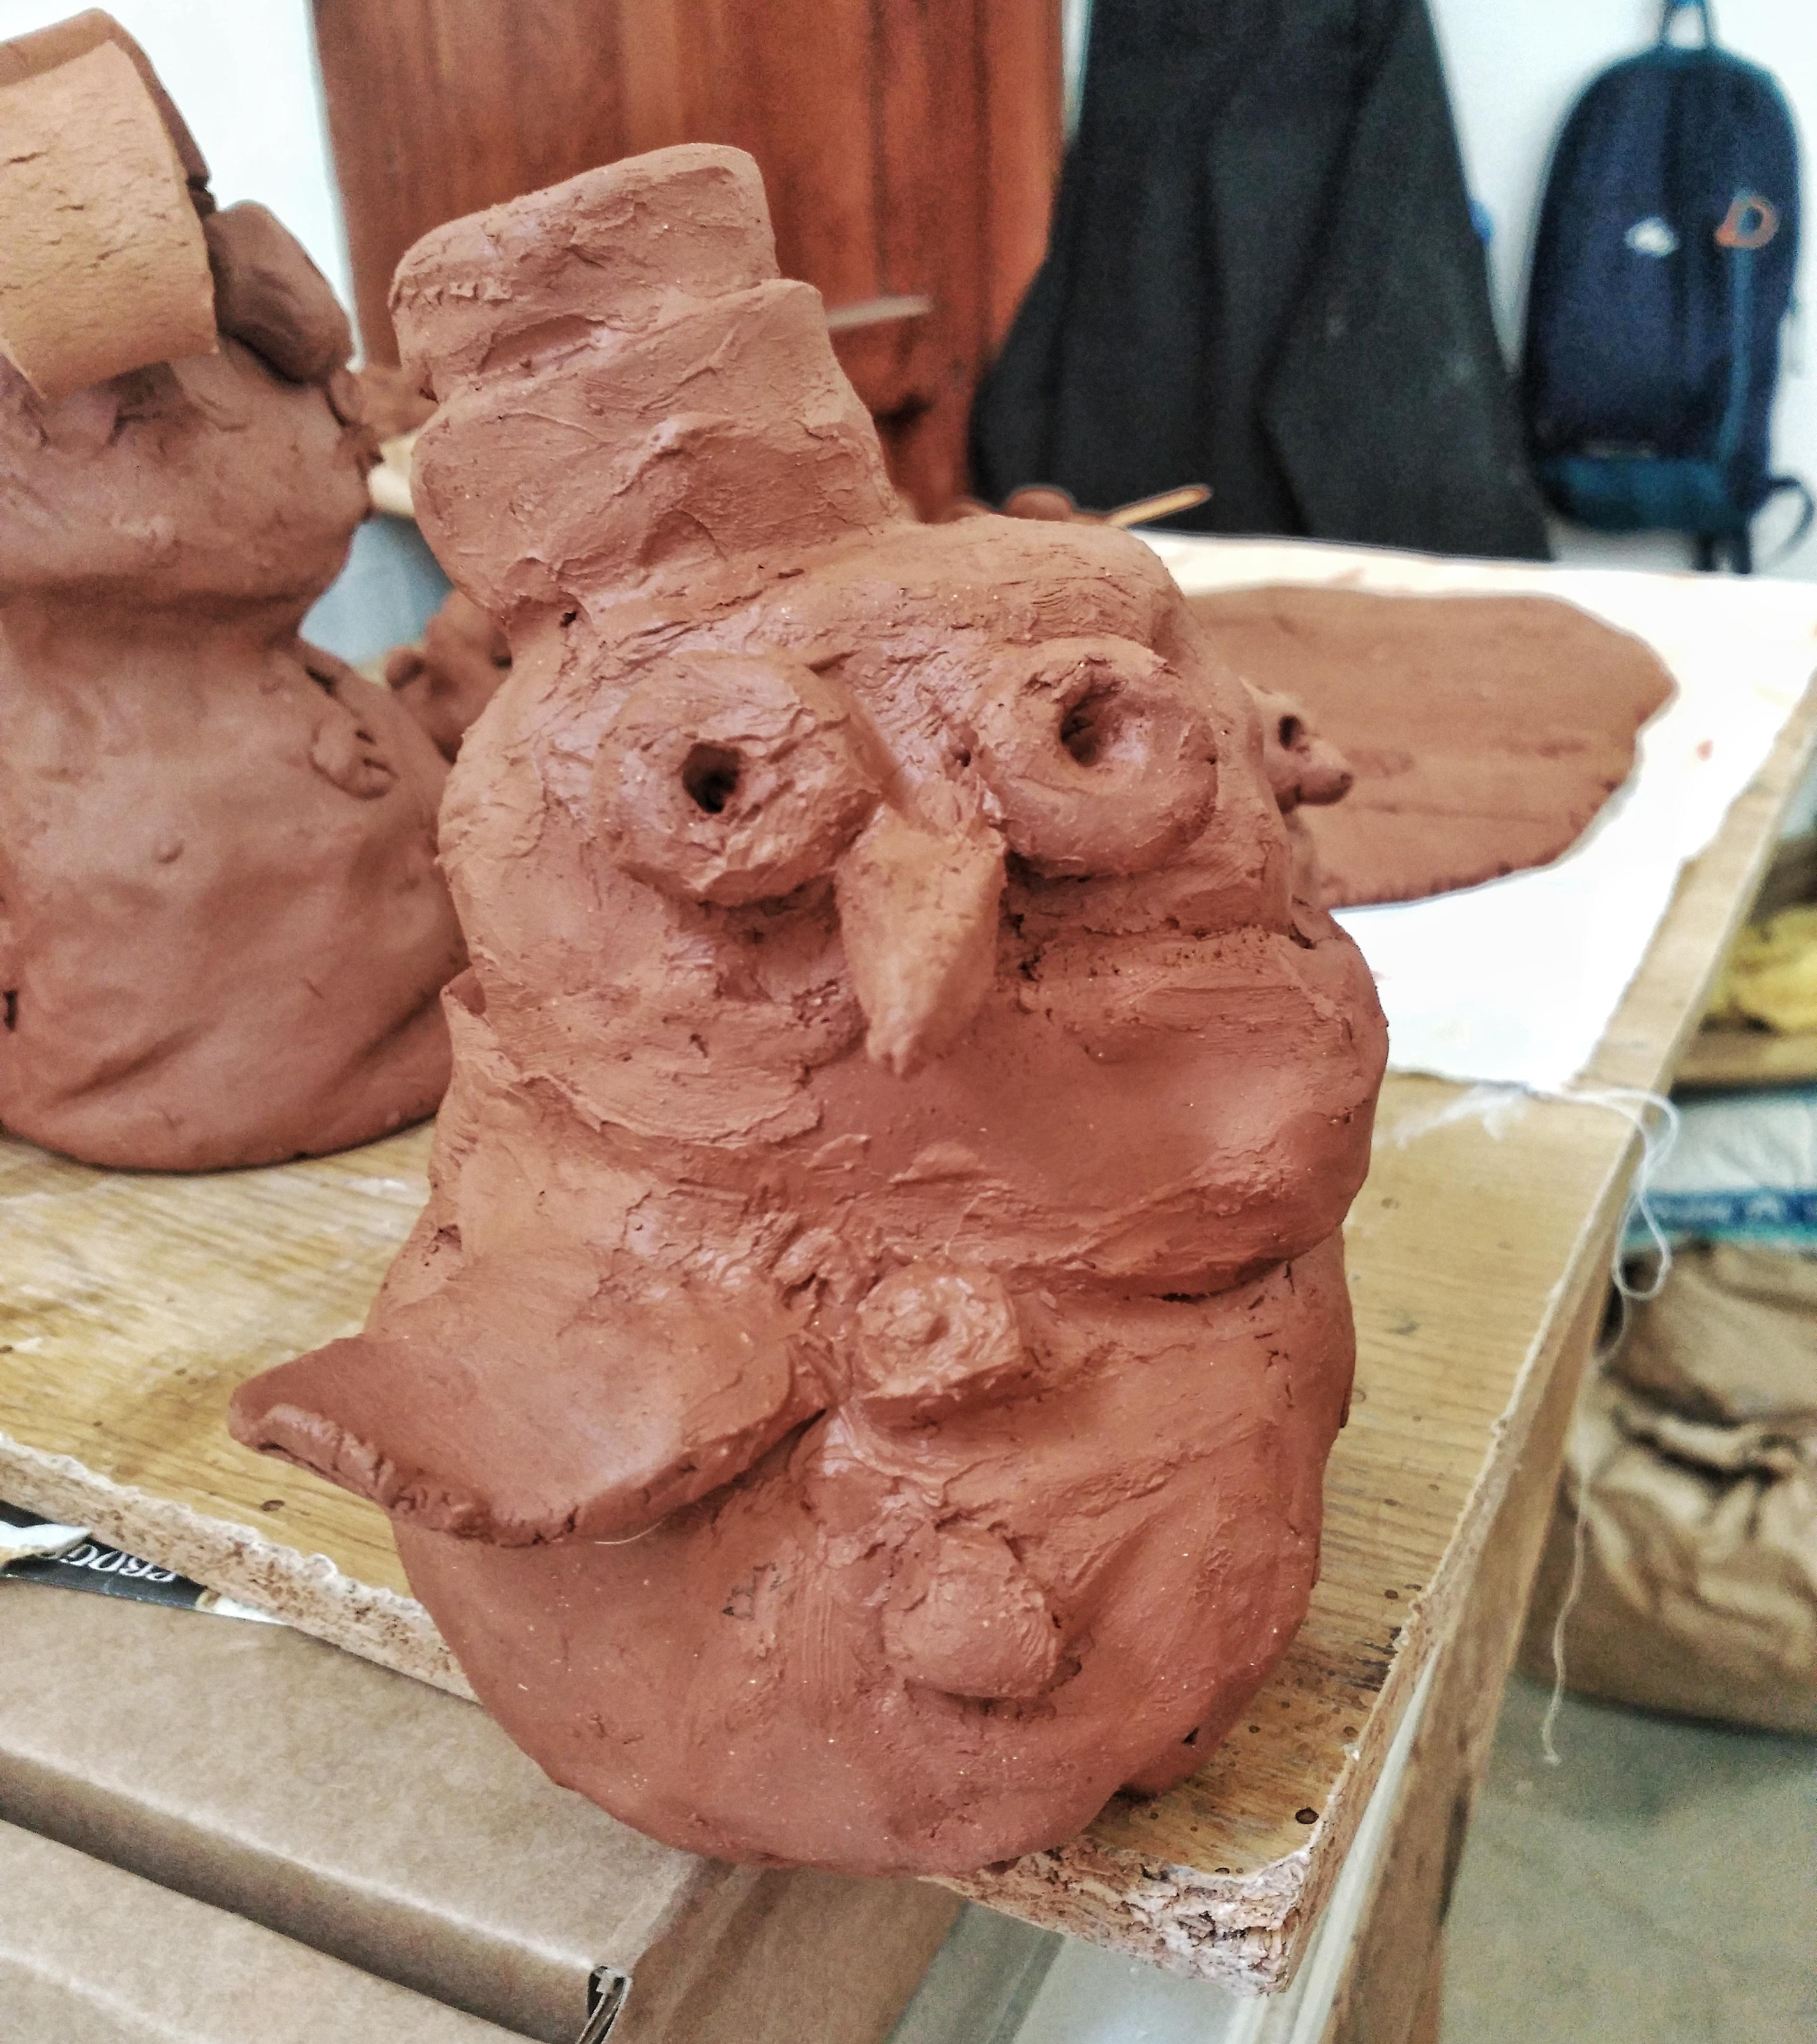 Muñeco de nieve de Candela, 6 años